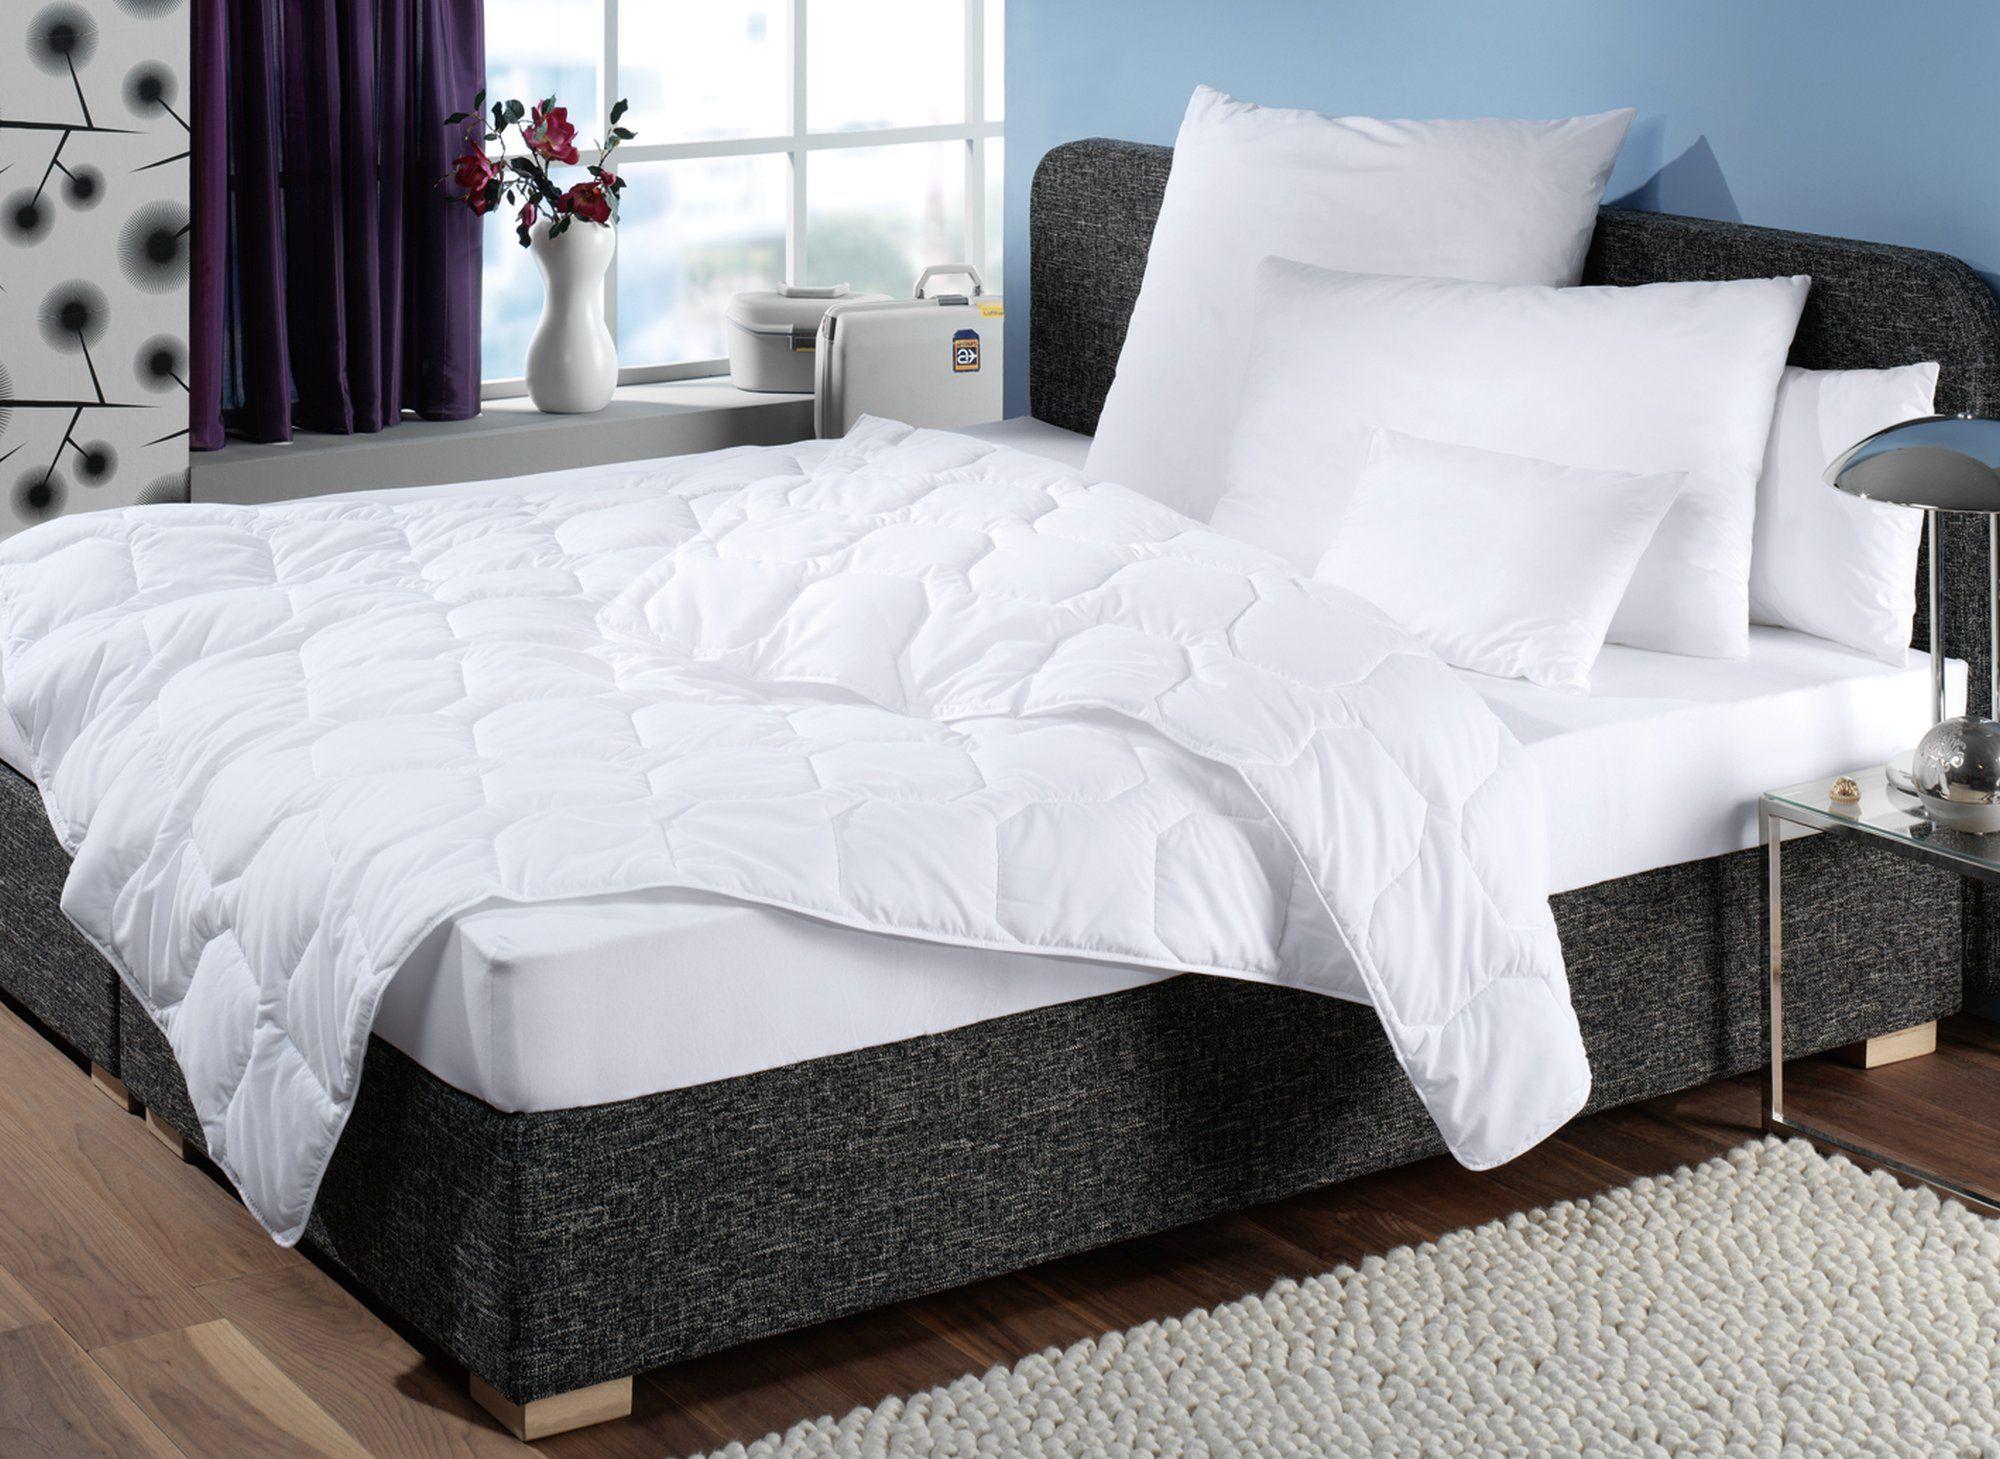 Steppdeckebettdecke Aus 100 Polyester Verfügbar In Zwei